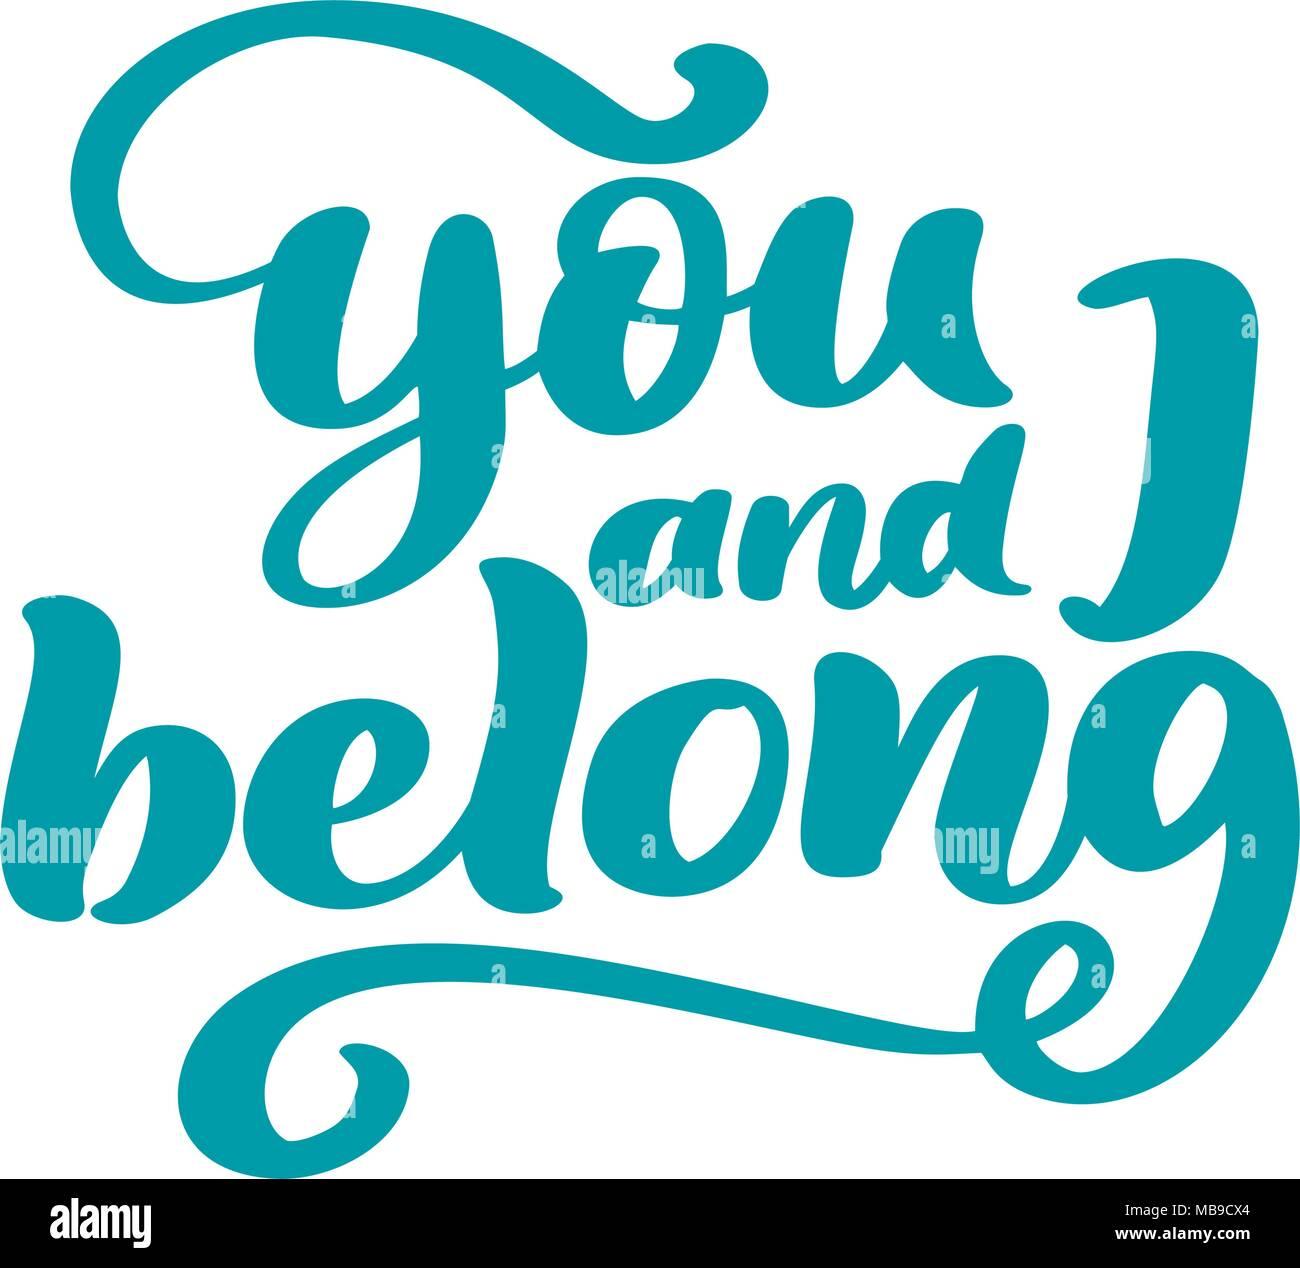 Usted Y Yo Pertenecemos Frase De San Valentin Caligrafia Vintage